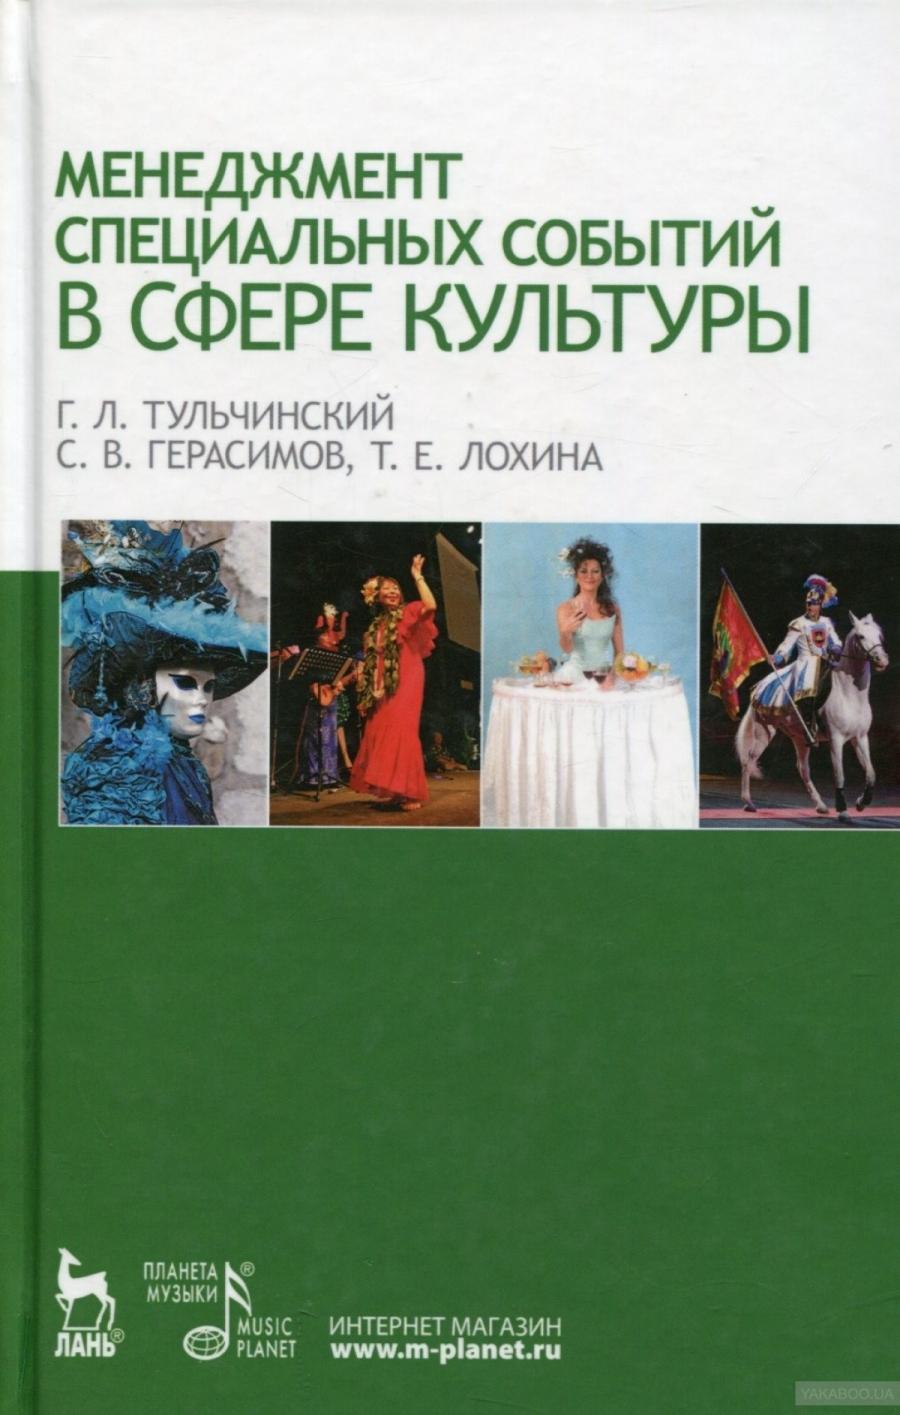 Обложка книги:  с. в. герсаимов, г. л. тульчинский, т. е. лохина - менеджмент специальных событий в сфере культуры.